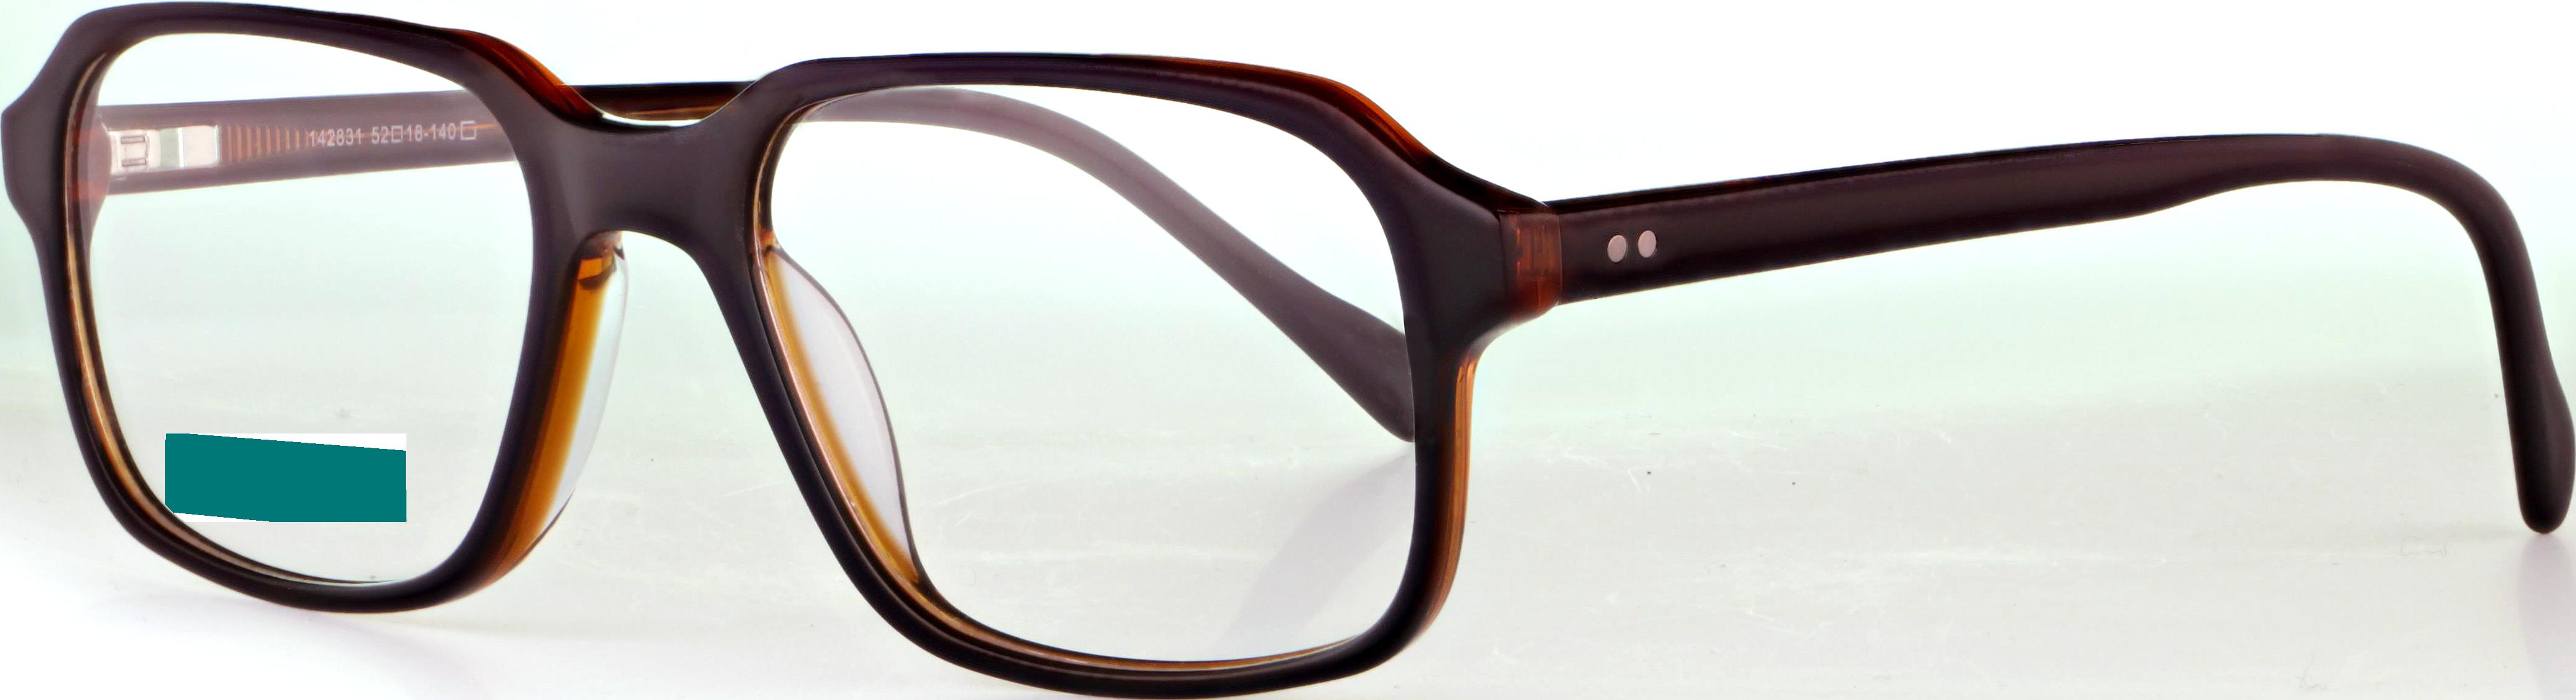 abele optik Brille 142831